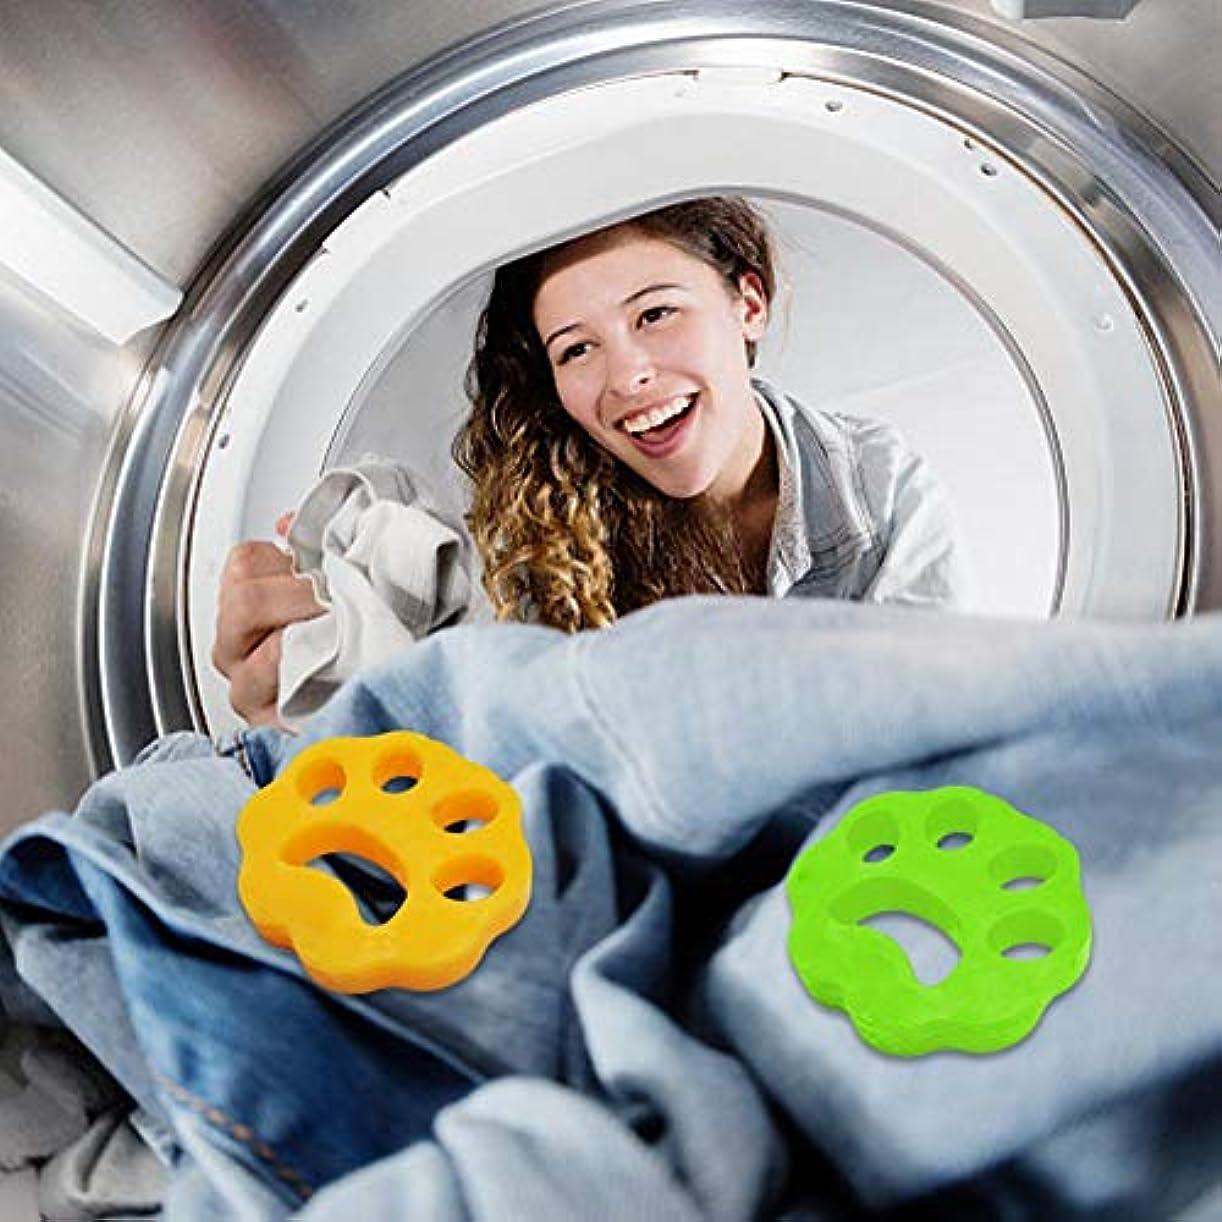 脅かす現実的流明安2ピースクリーニングボール洗濯機脱毛装置ペット理髪服脱毛器ドライヤーペット脱毛パッド再利用可能